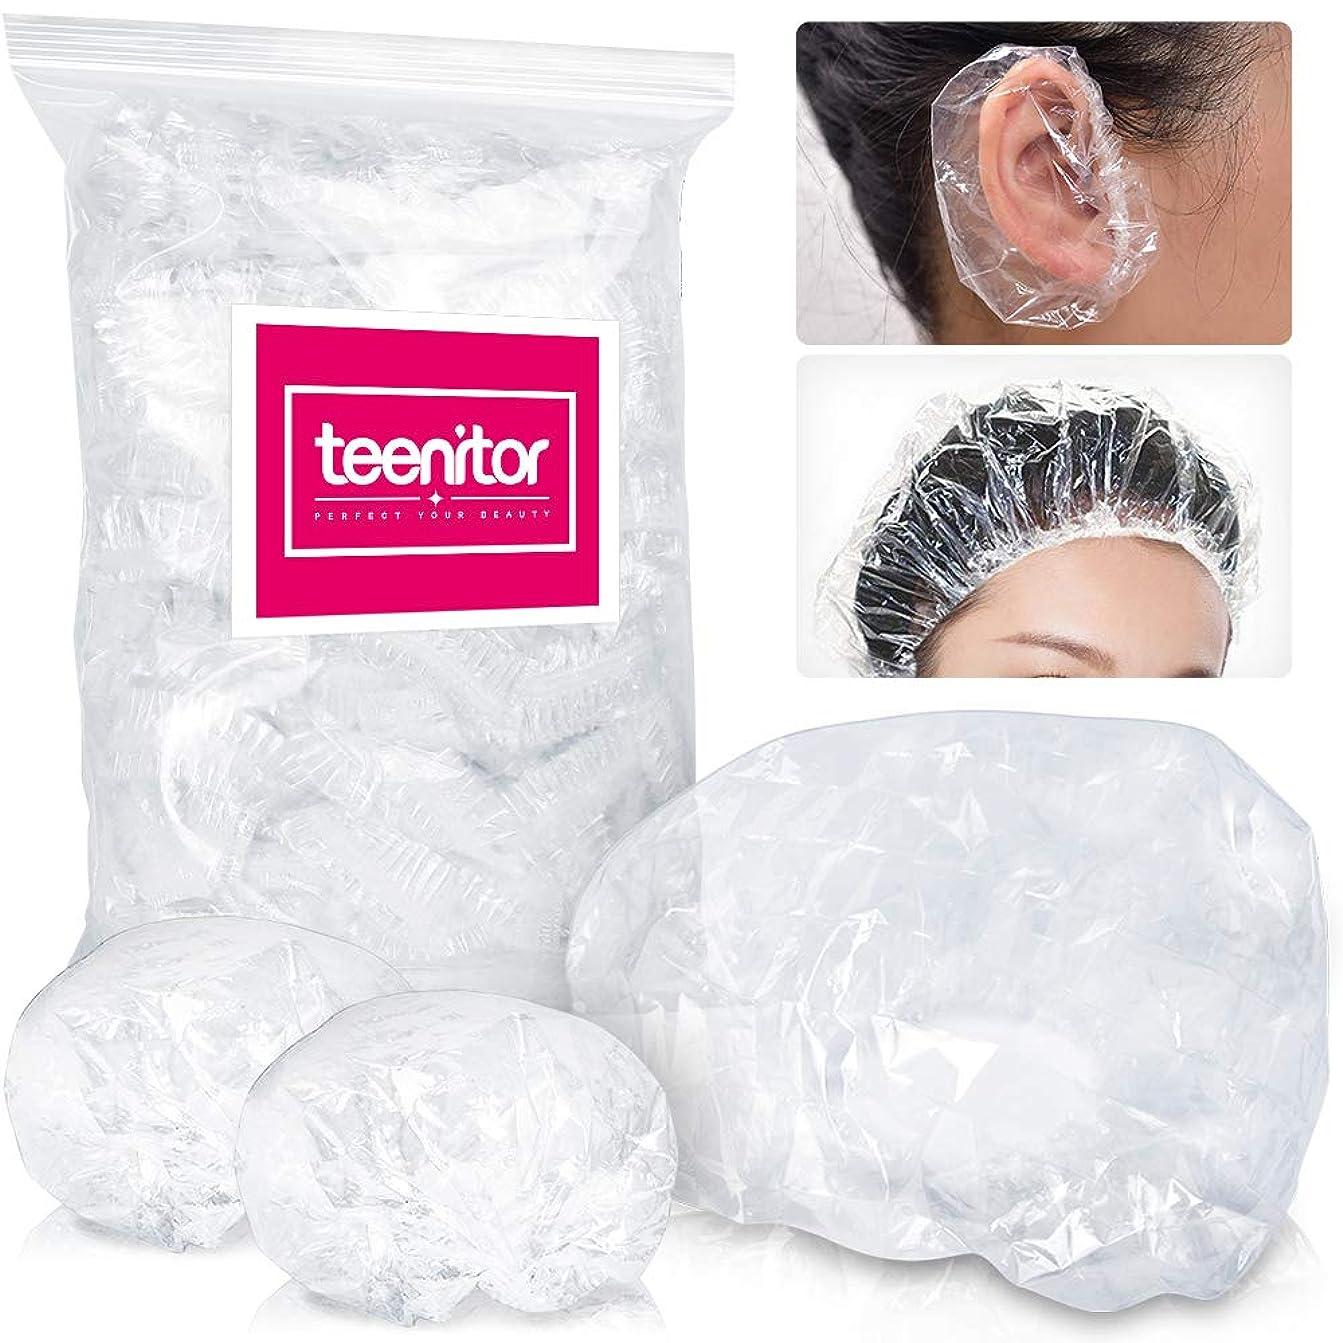 以上カンガルーハイキングに行くTeenitor シャワーキャップ 使い捨て 100枚 使い捨てキャップ ヘアカラー用 耳キャップ100枚 毛染め用 髪染め用 フリーサイズ 男女兼用 使い捨て 衛生的